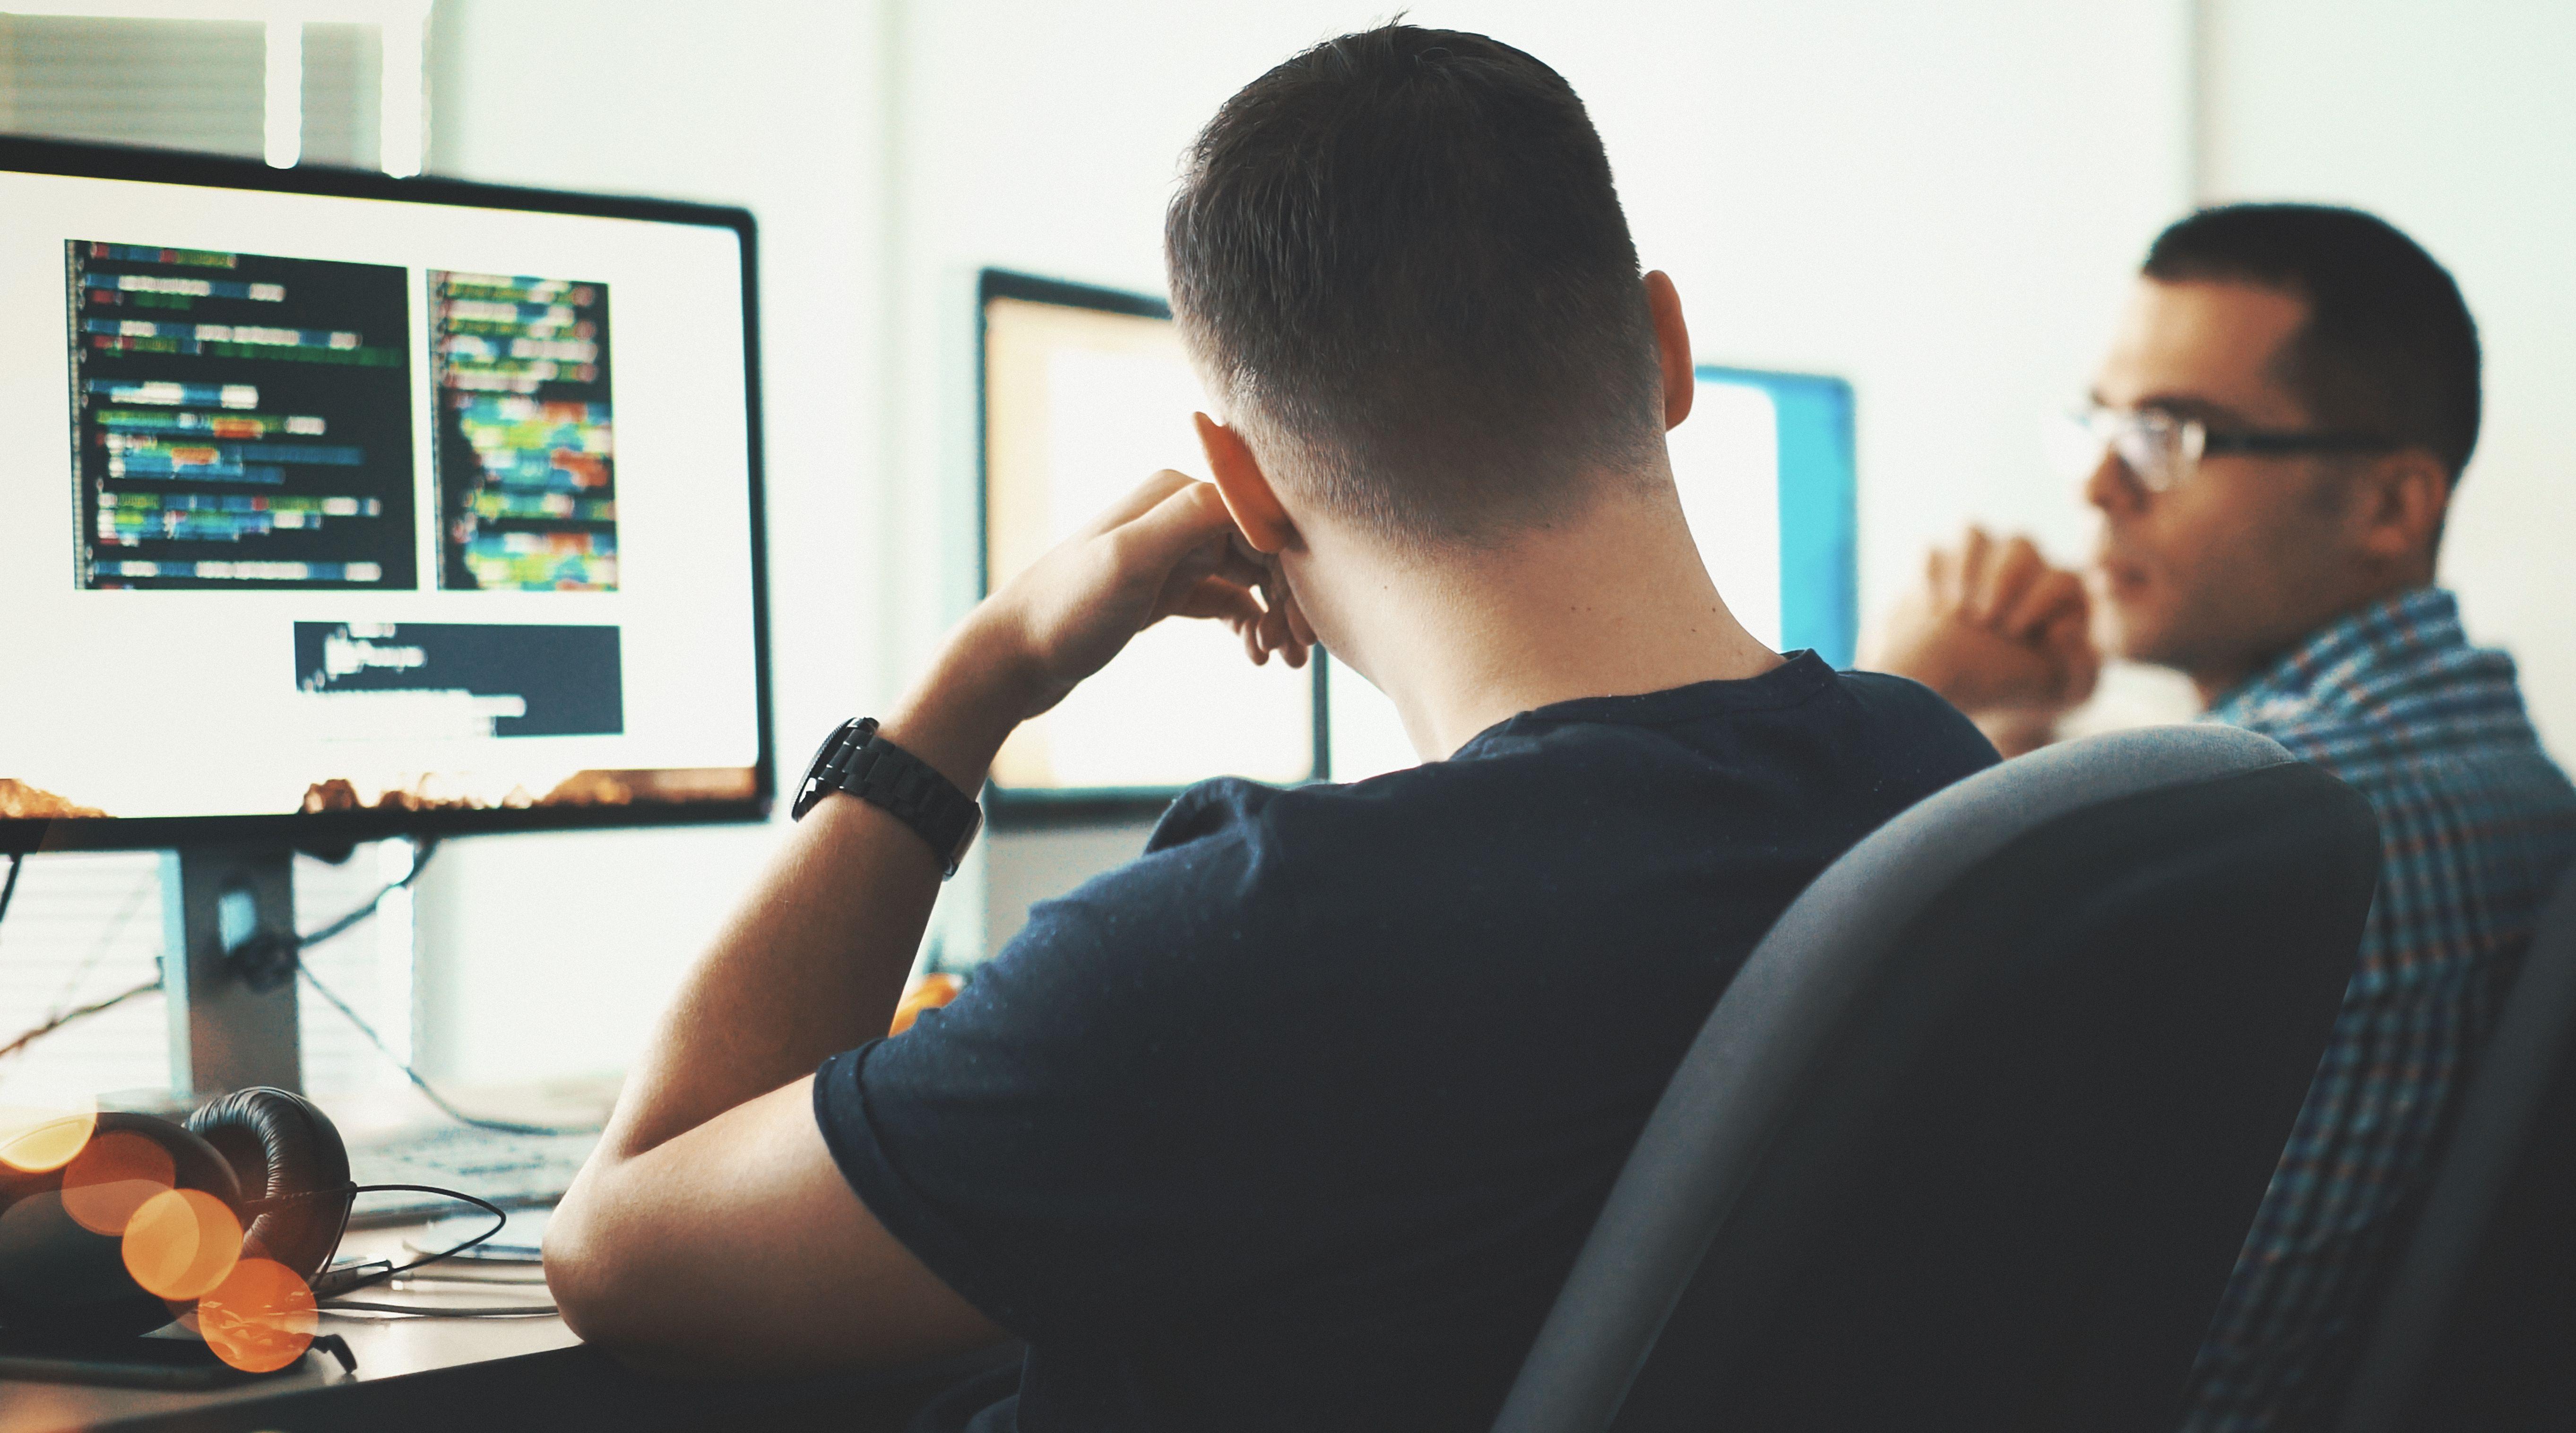 men talking, computer screens